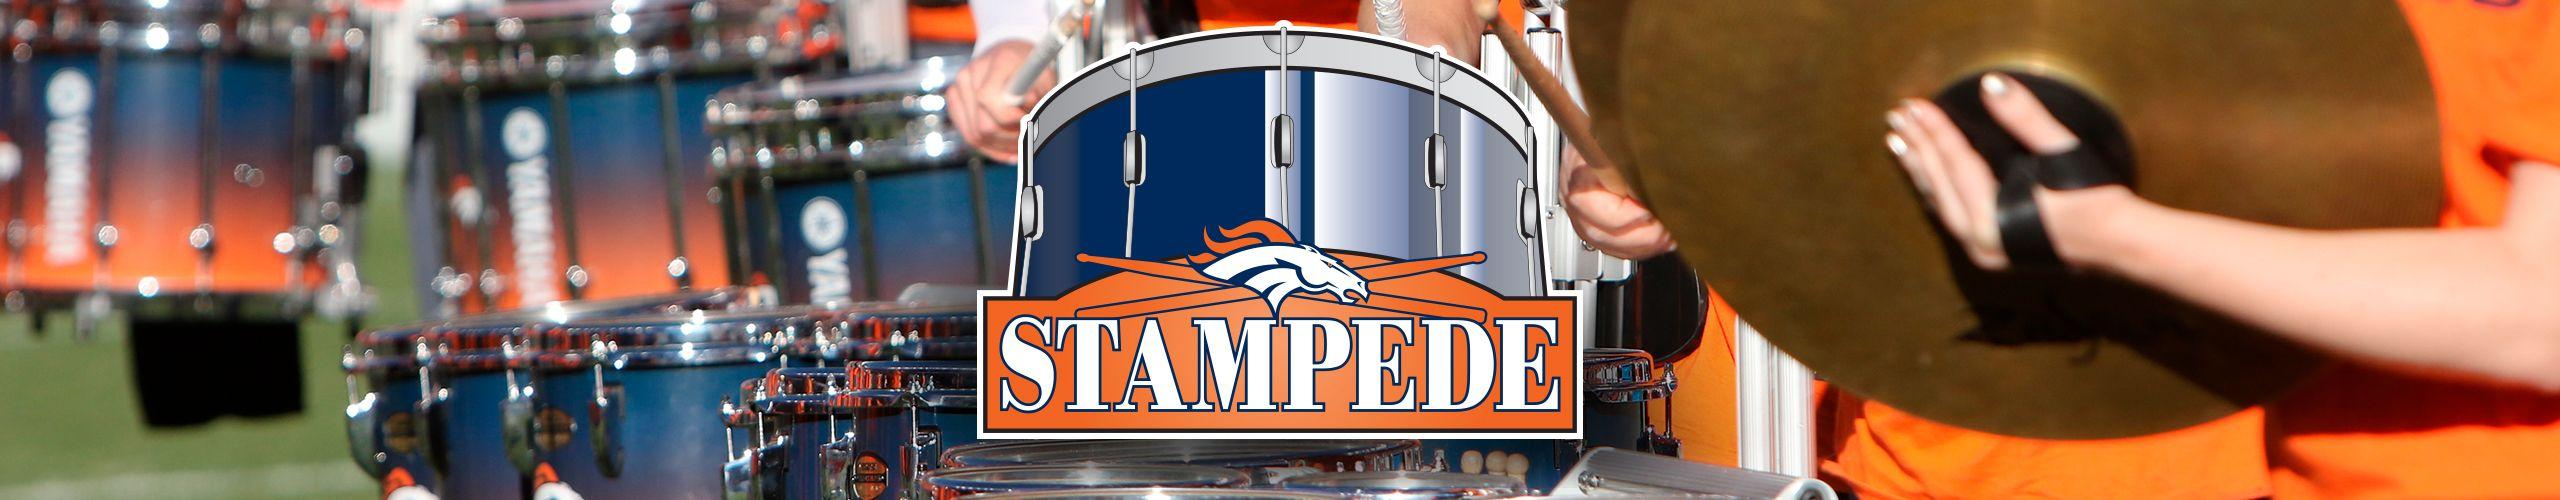 stampede_hero_2560x500